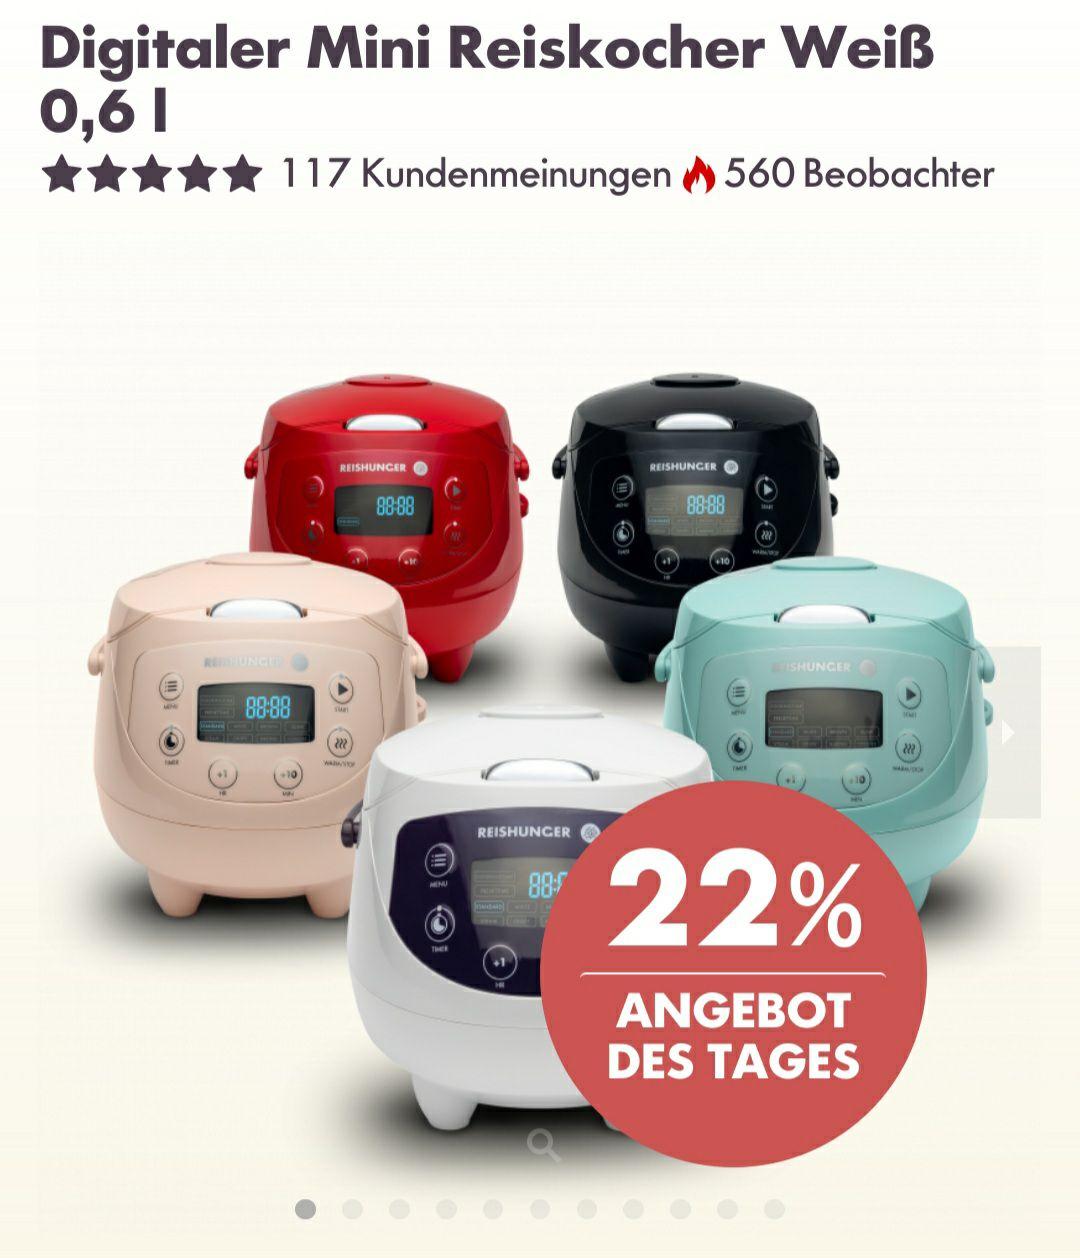 Reishunger Digitaler Mini Reiskocher 0,6L in weiß